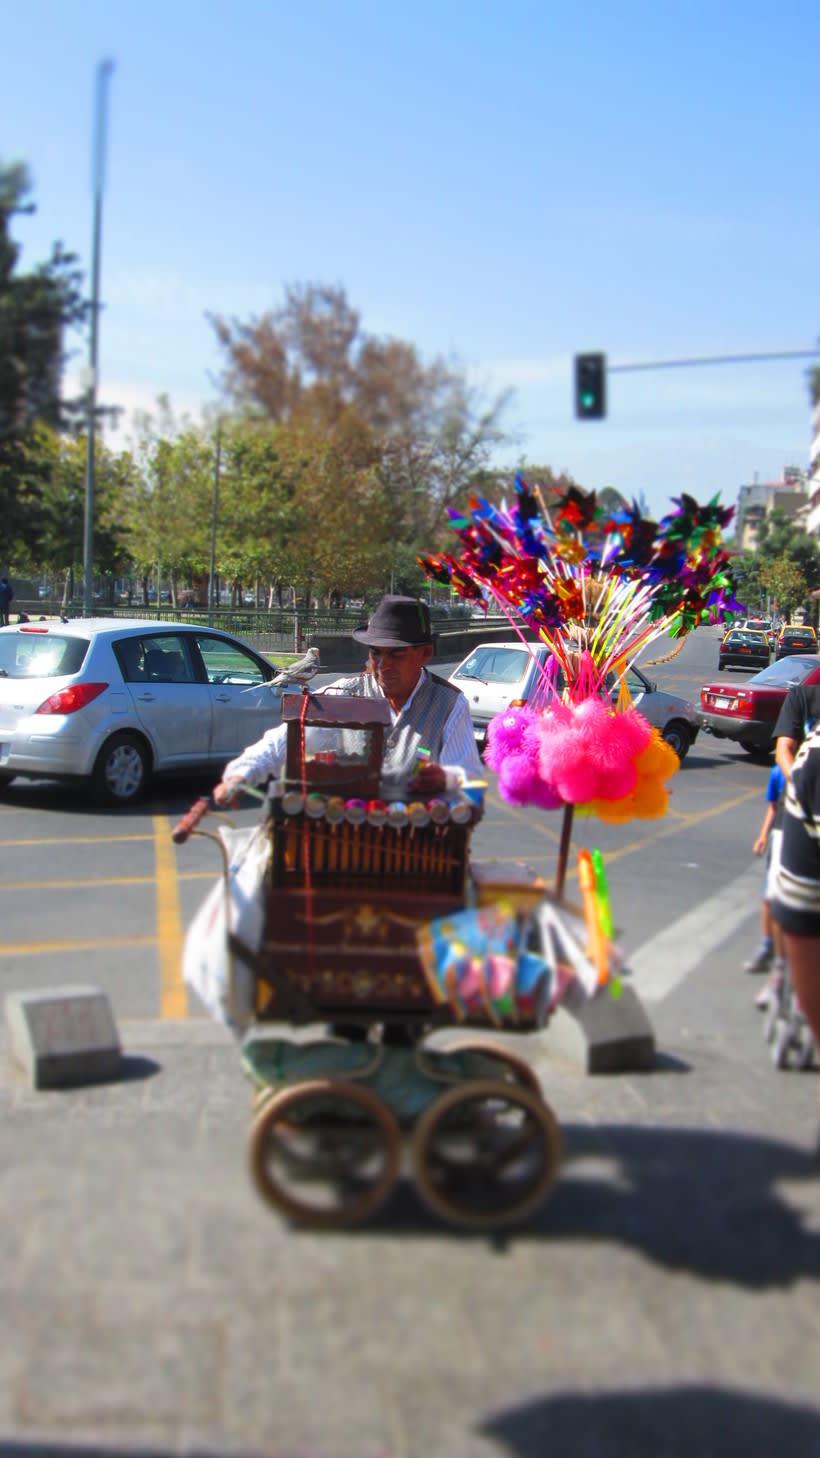 Fotos Otros Chile colección otras miradas Santiago de Chile 2